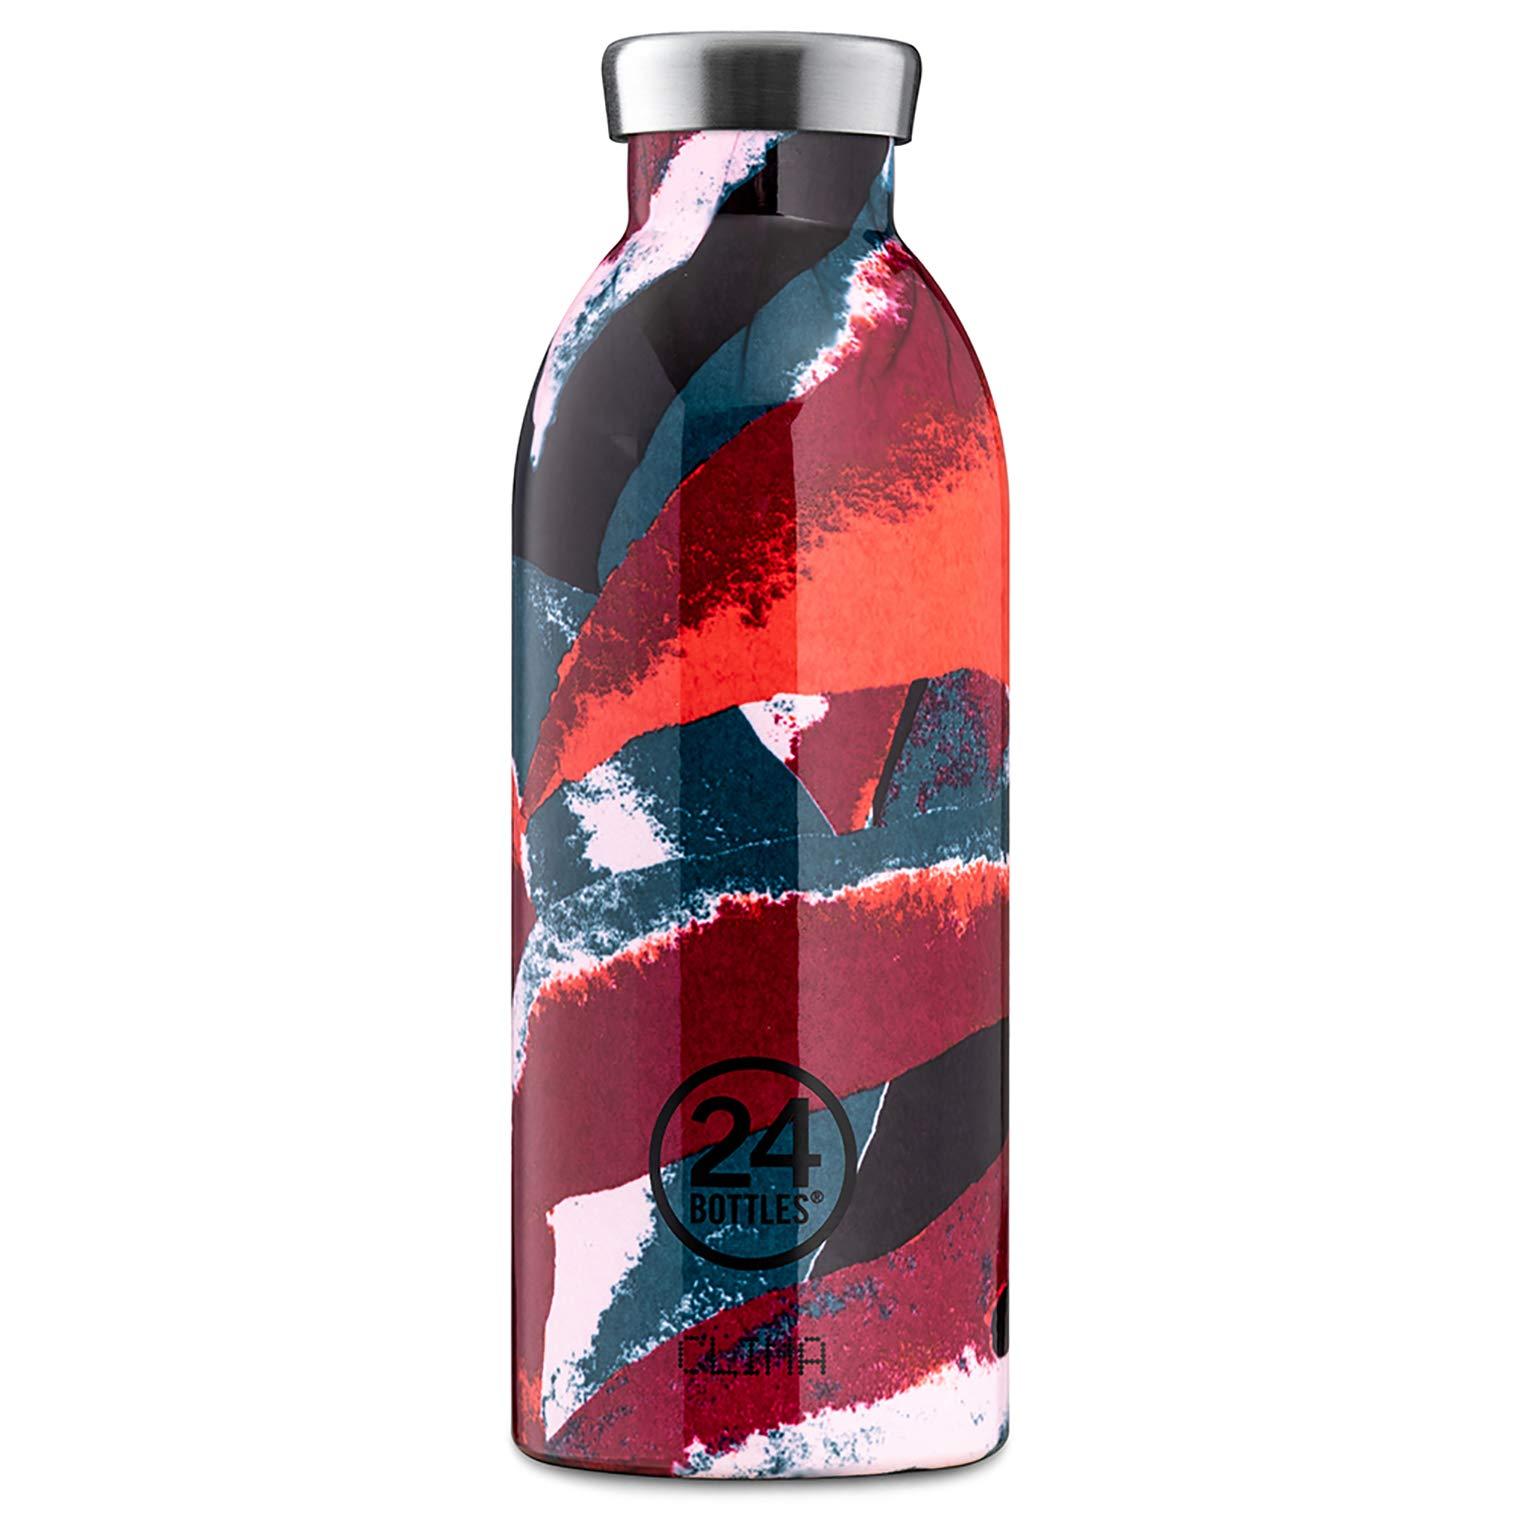 24BOTTLES 水筒・マグボトル フラワーフレーム 500ml クライマボトル (CLIMA BOTTLE) 923814